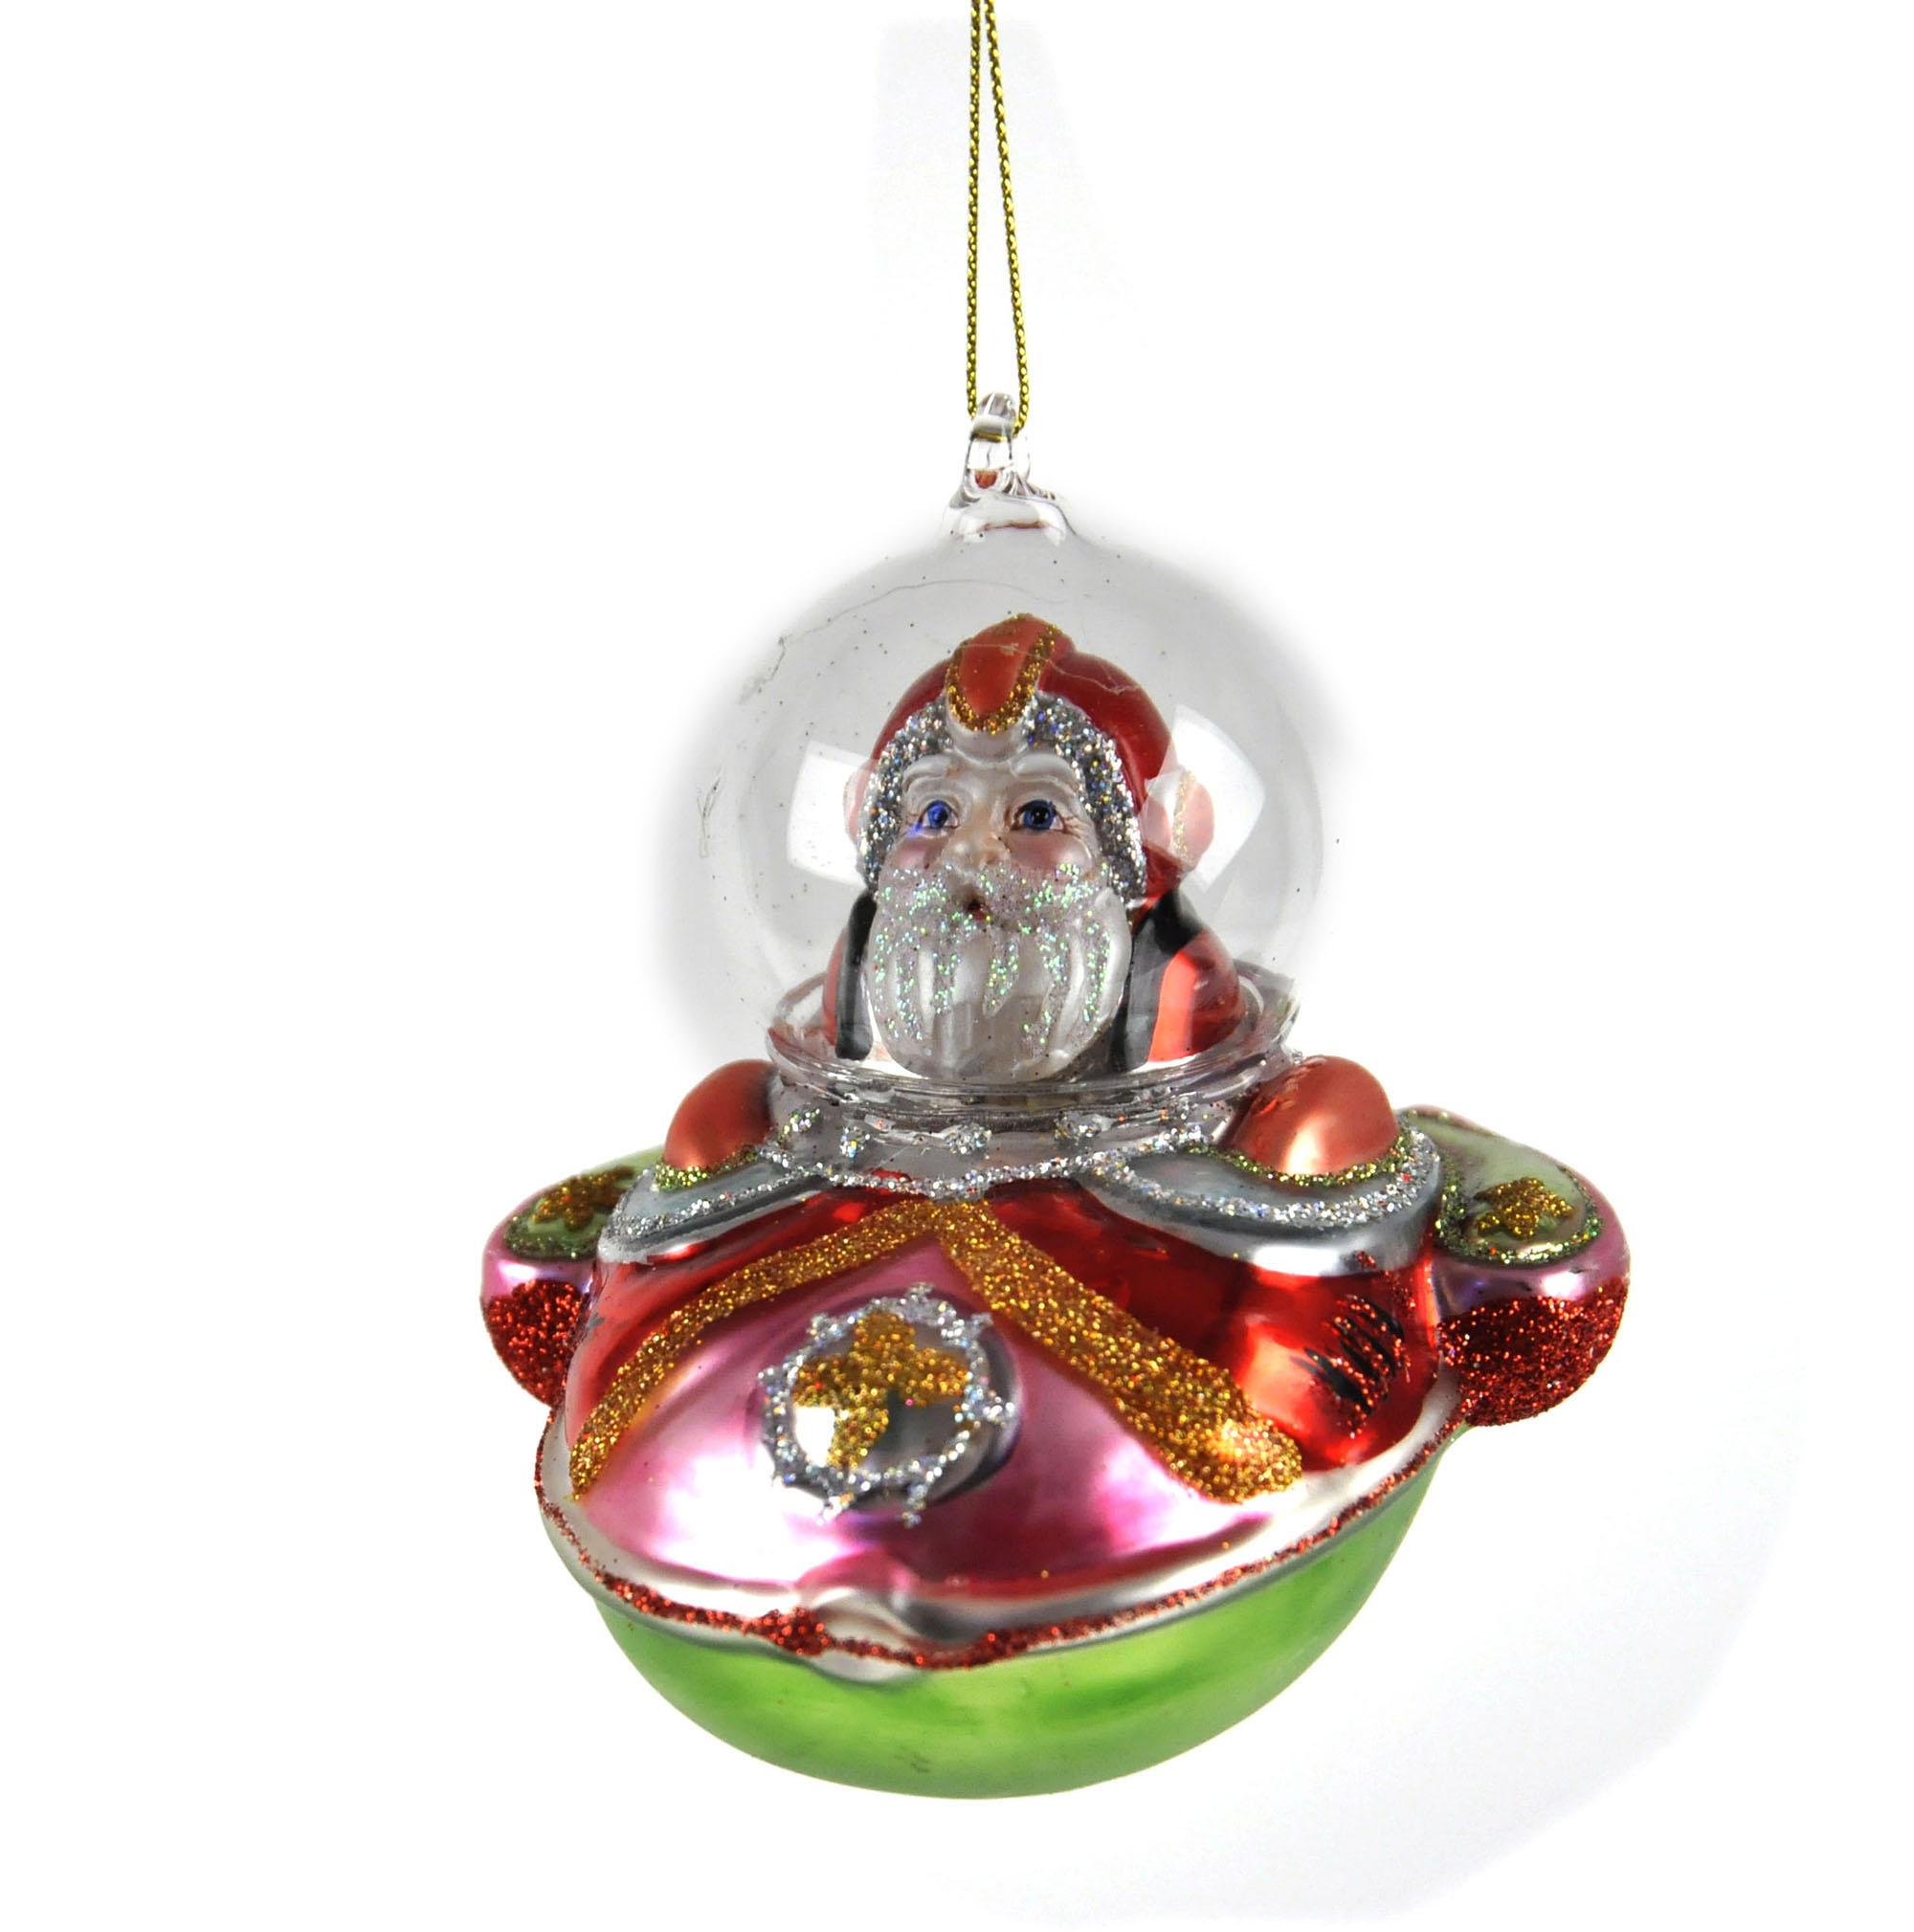 Weihnachtsmann rakete versand christbaumkugel gemalt glas - Christbaumkugel englisch ...